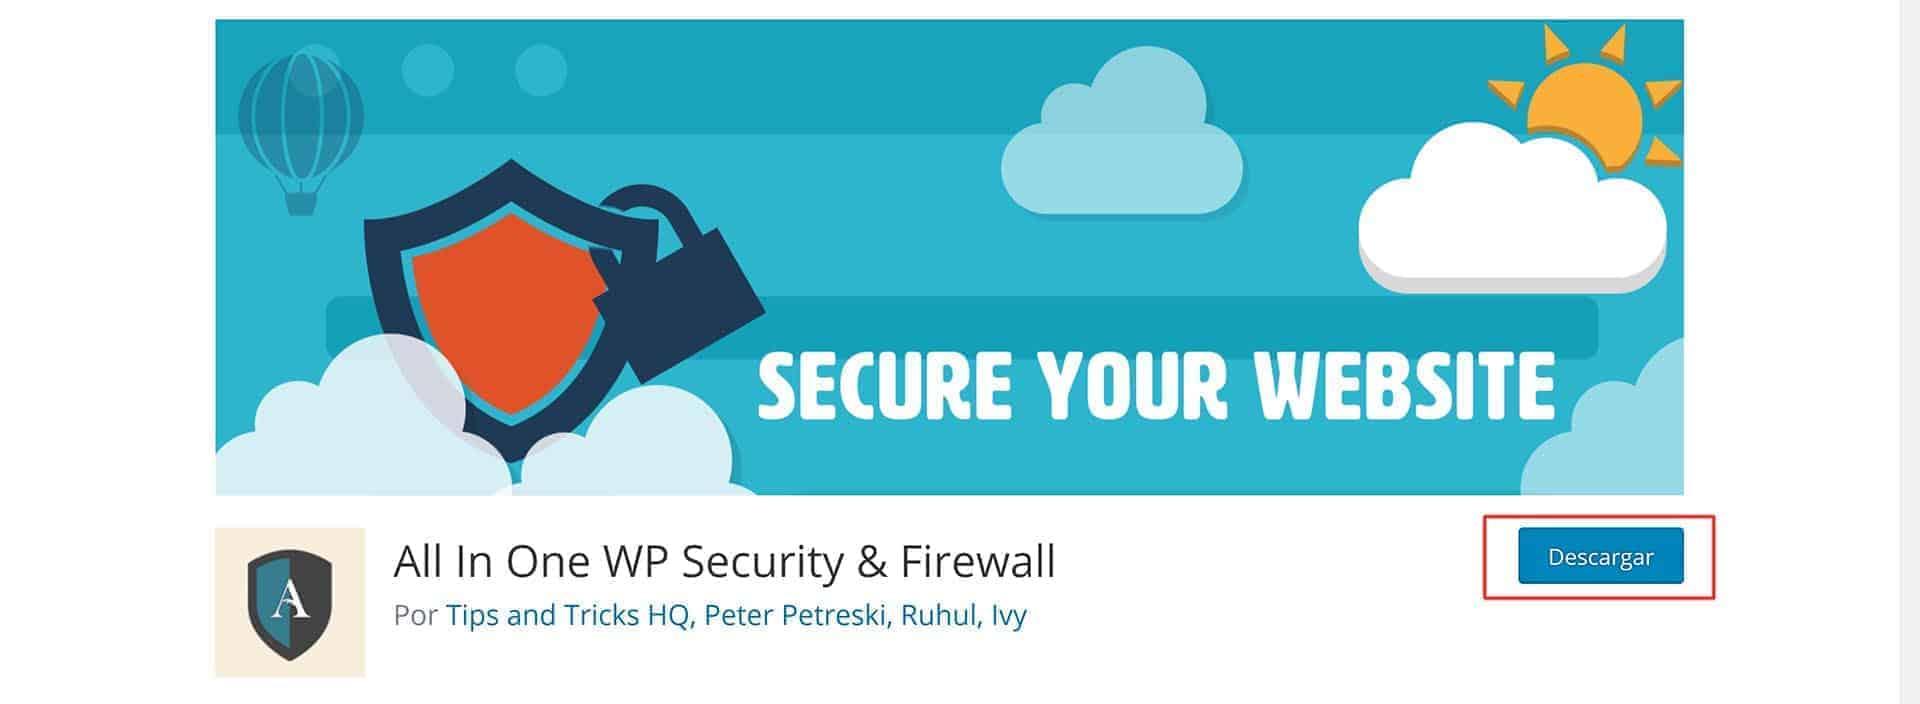 <mark>Aprende cómo instalar plugins en WordPress, en menos de 1 minuto</mark> 2